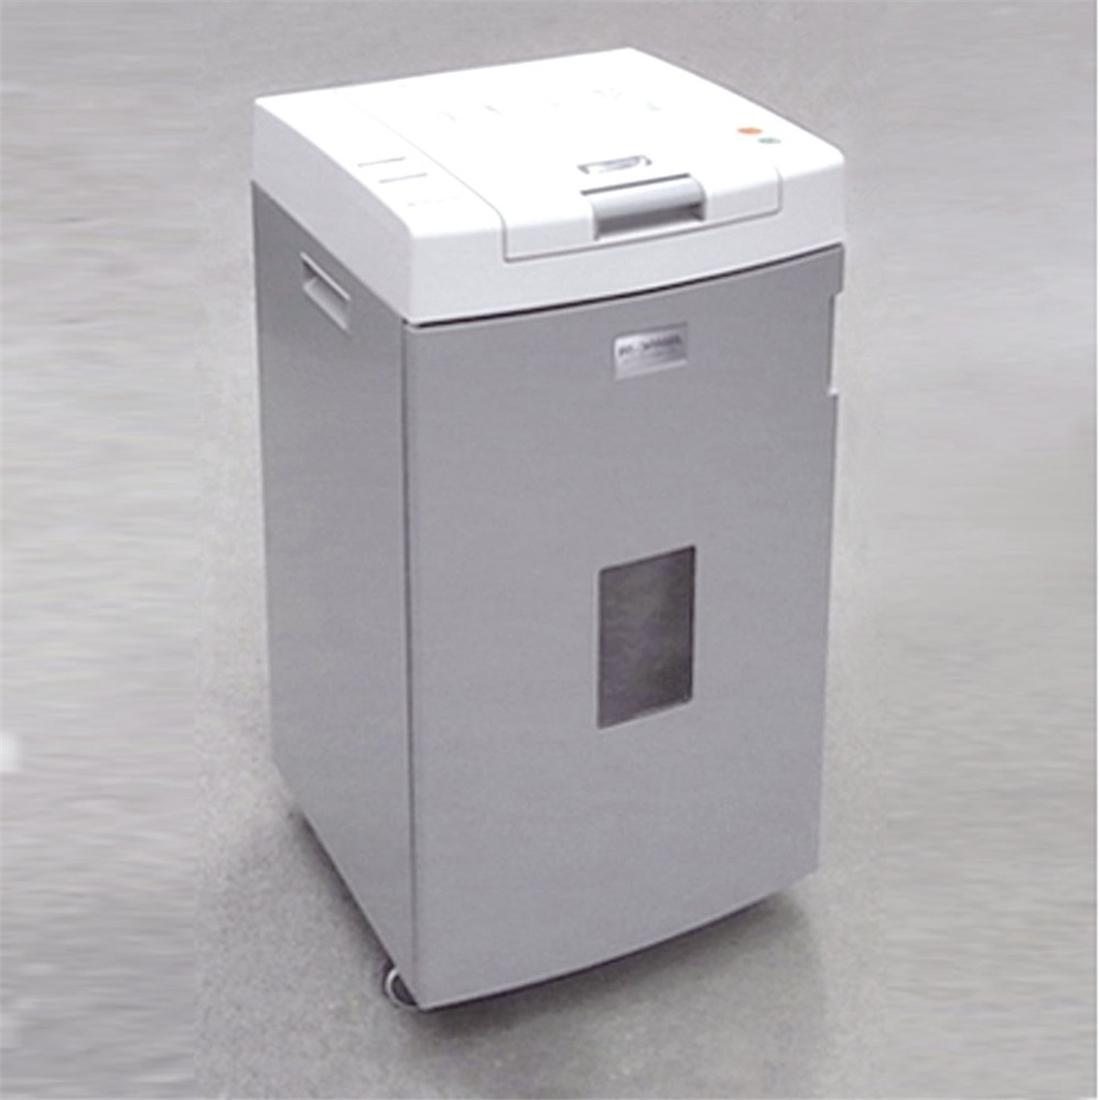 便利 事務所 店舗 業務用 備品 家電 シュレッダー 文具 オートフィードシュレッダー AFS280C-H